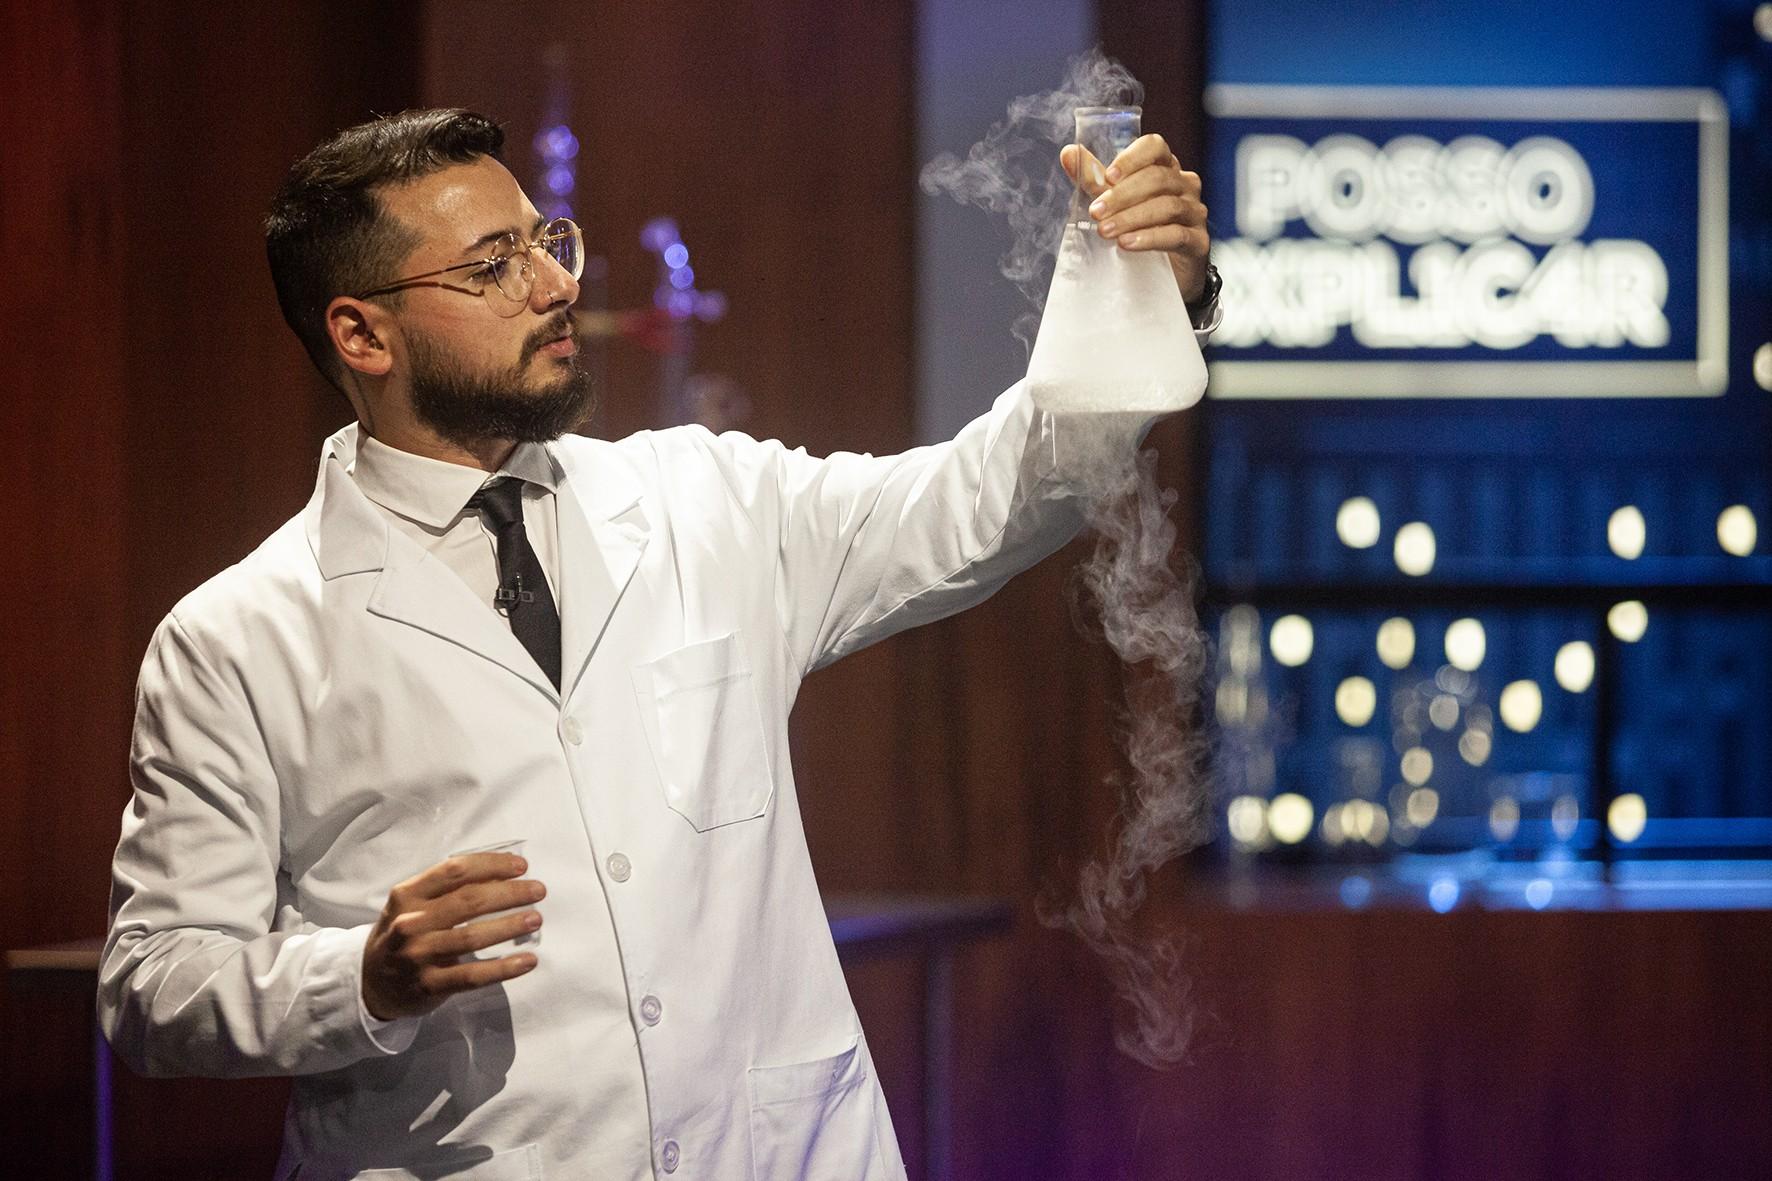 Ο Alan Rodrigues, χημικός από την εκπαίδευση, είναι υπεύθυνος για τις επιστημονικές ερμηνείες του προγράμματος (Εικόνα: Αποκάλυψη / National Geographic)